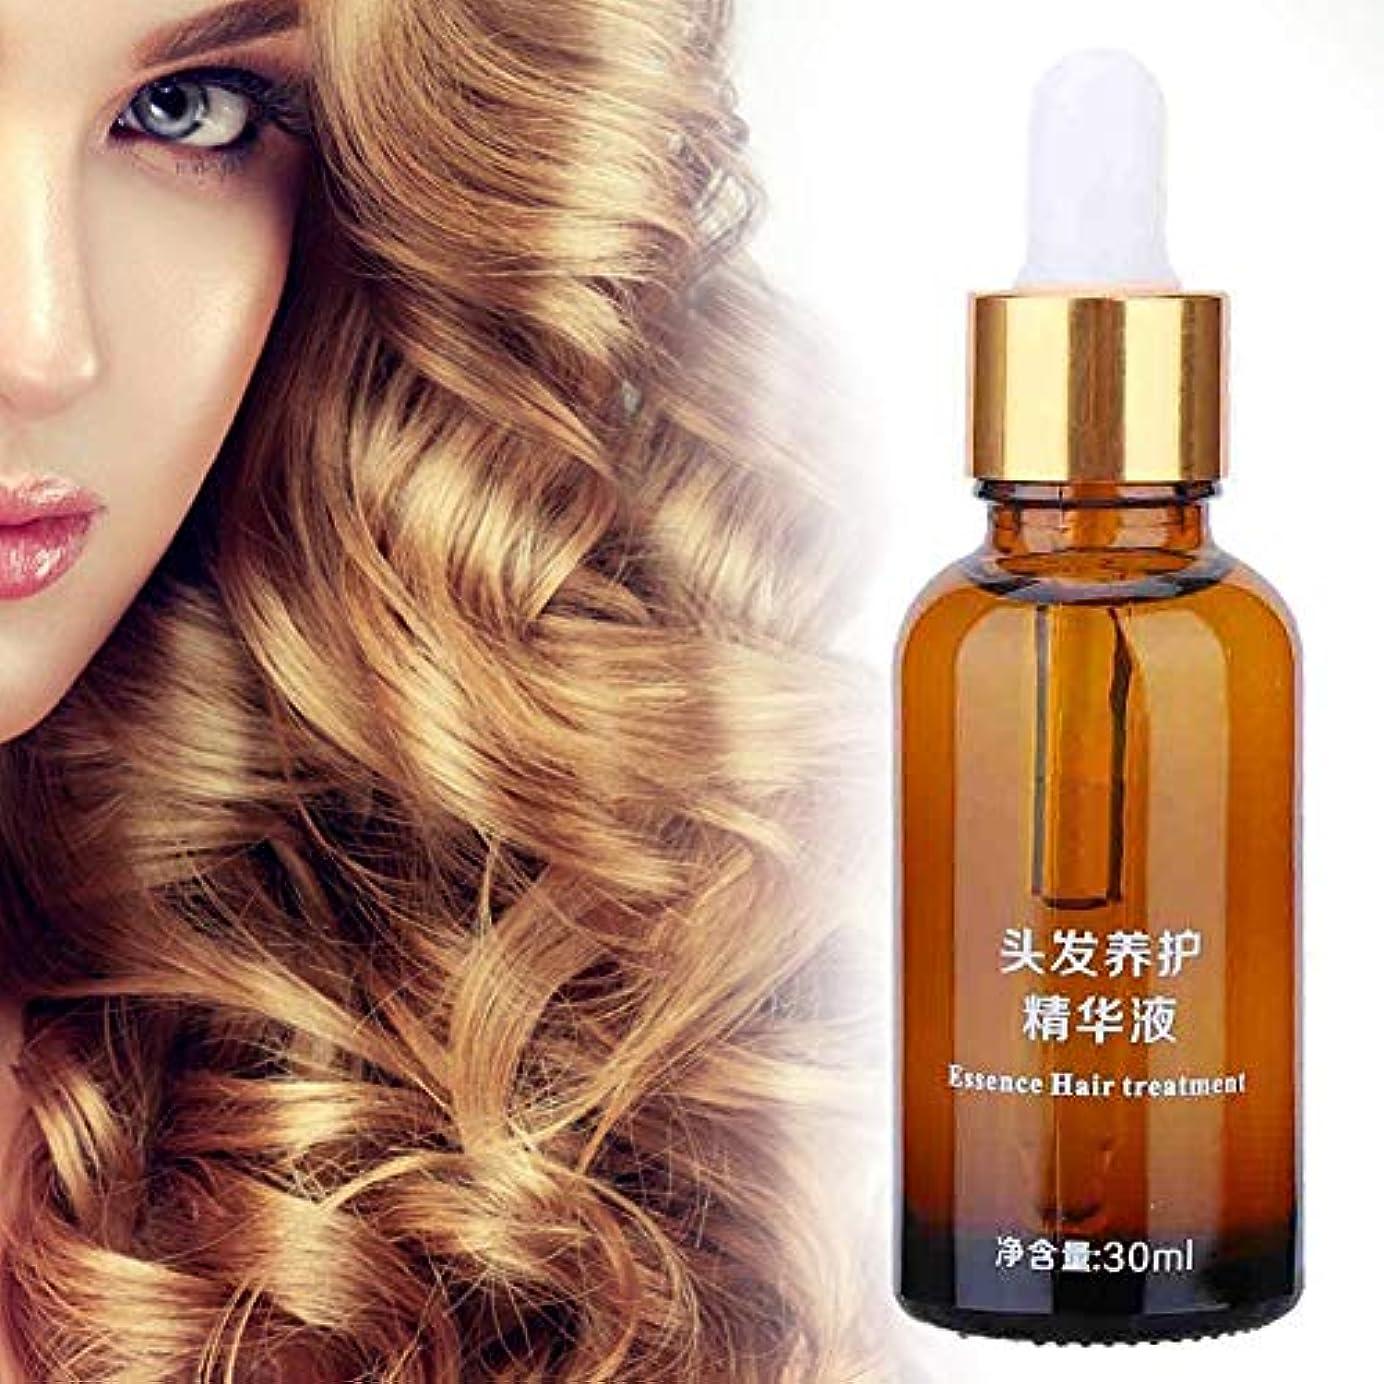 でところで忠実にヘアエッセンシャルオイル、頭皮の養毛を強化する毛根の乾燥によるダメージを減らしますヘアリペアエッセンシャル液体30ミリリットル